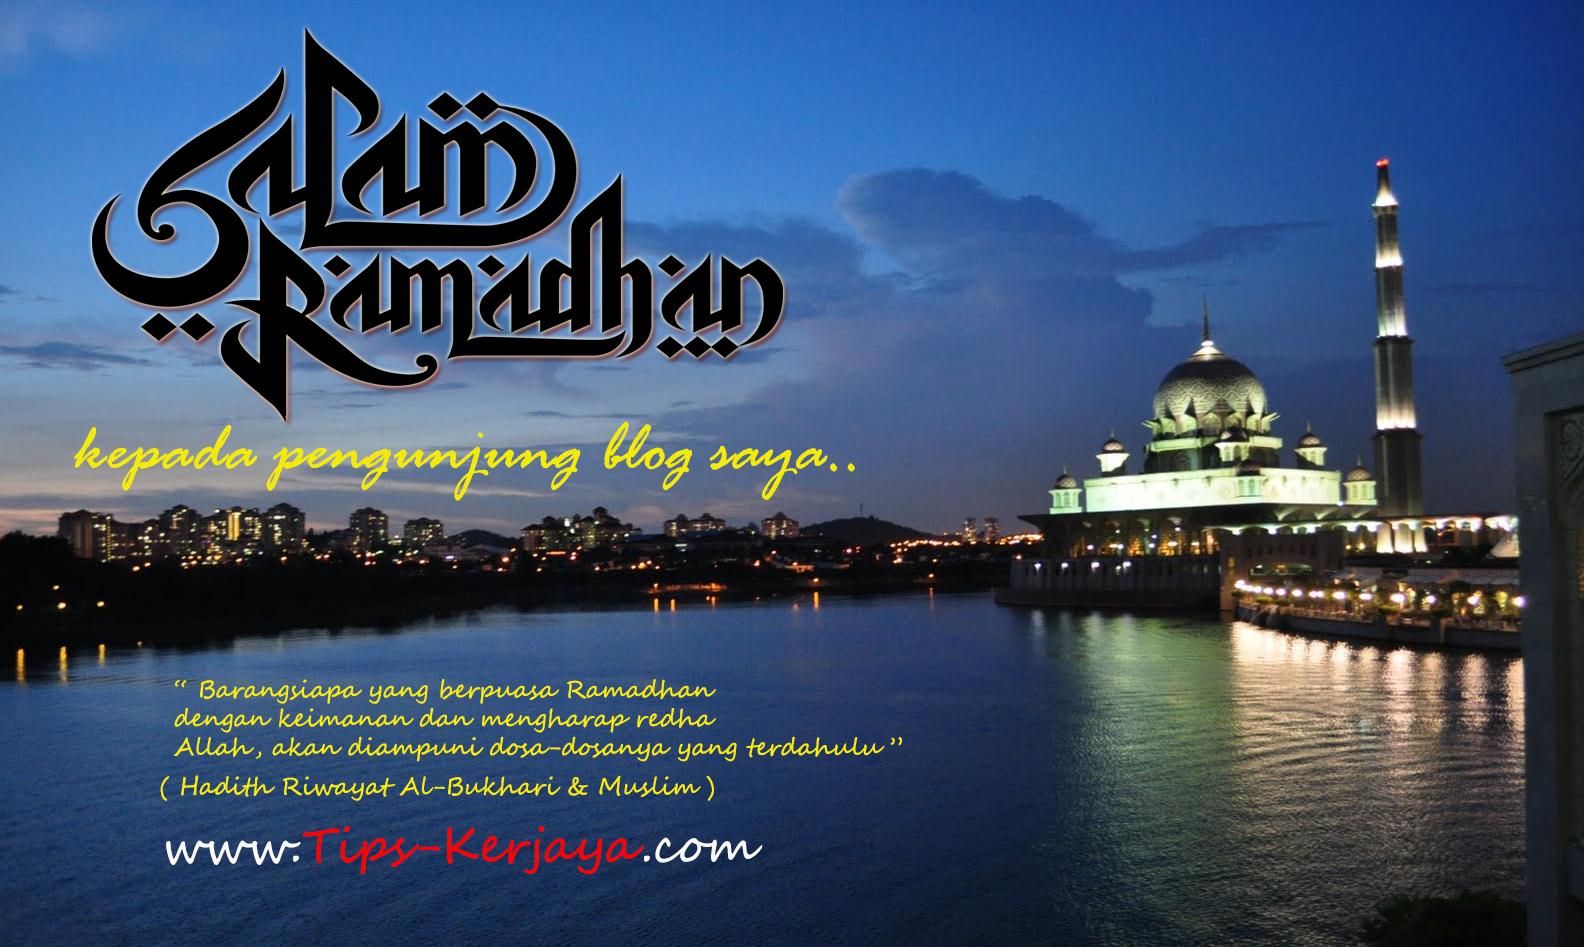 Salam Ramadhan 1435H